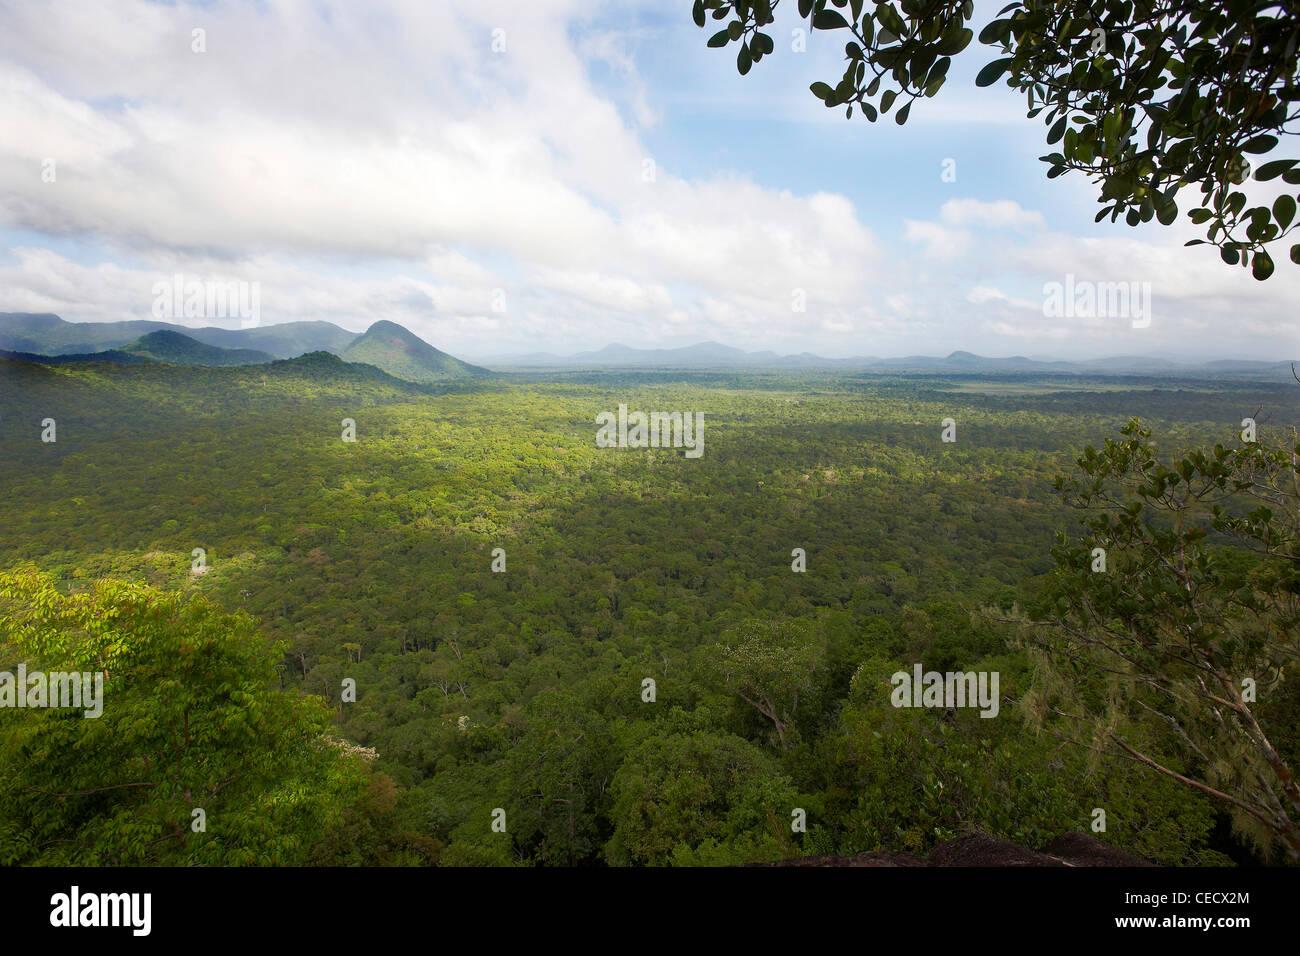 Vue sur la canopée de la forêt tropicale primaire, une partie de la réserve amérindienne Rewa, Photo Stock